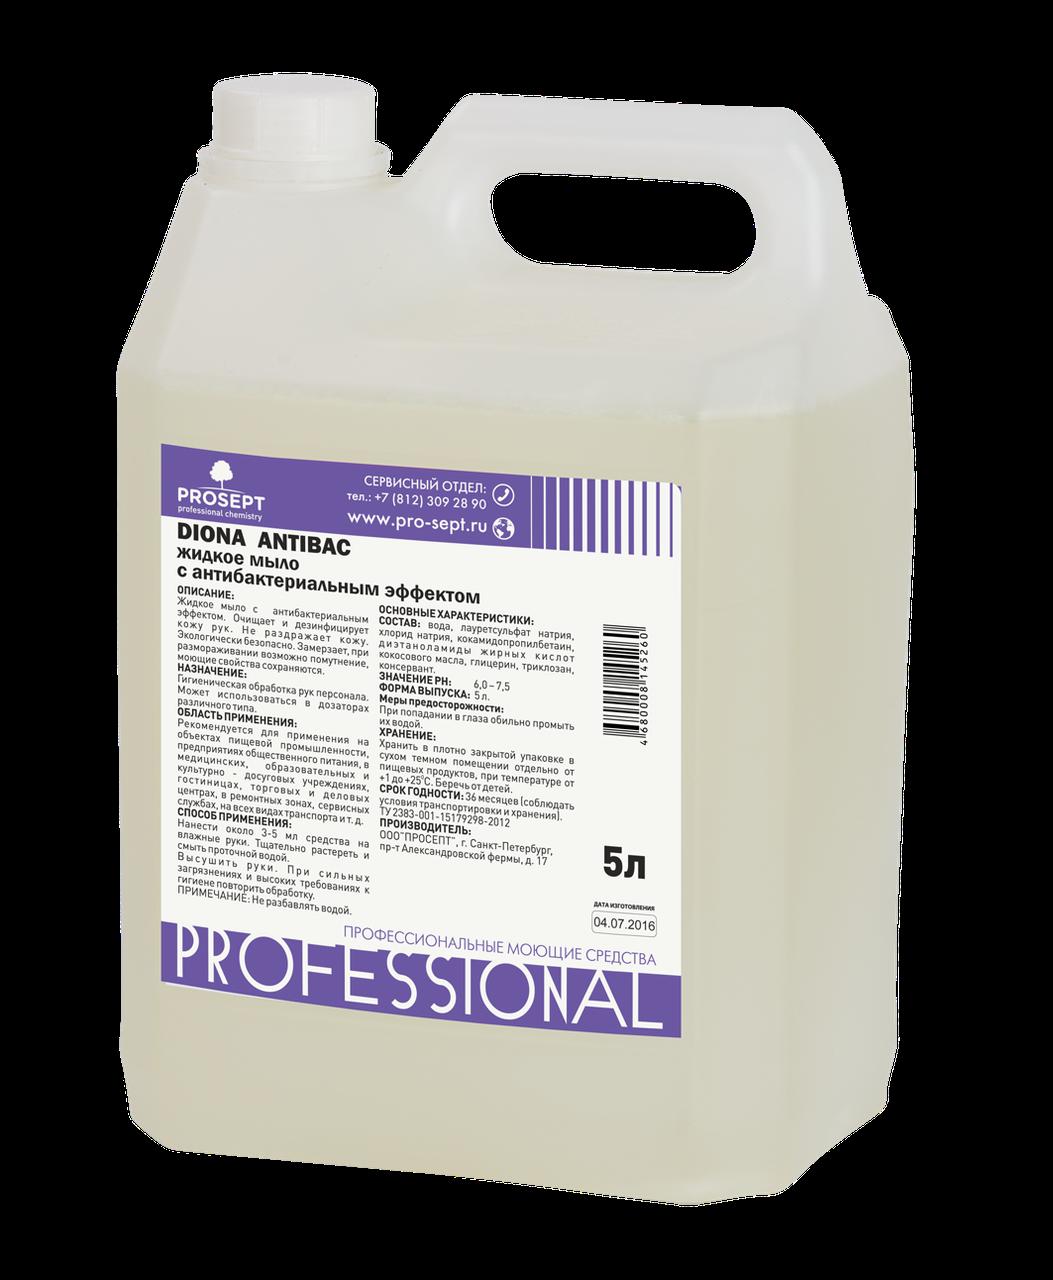 Антибактериальное гелеобразное мыло 251-5 Diona Antibac  5 литров (PROSEPT Россия)